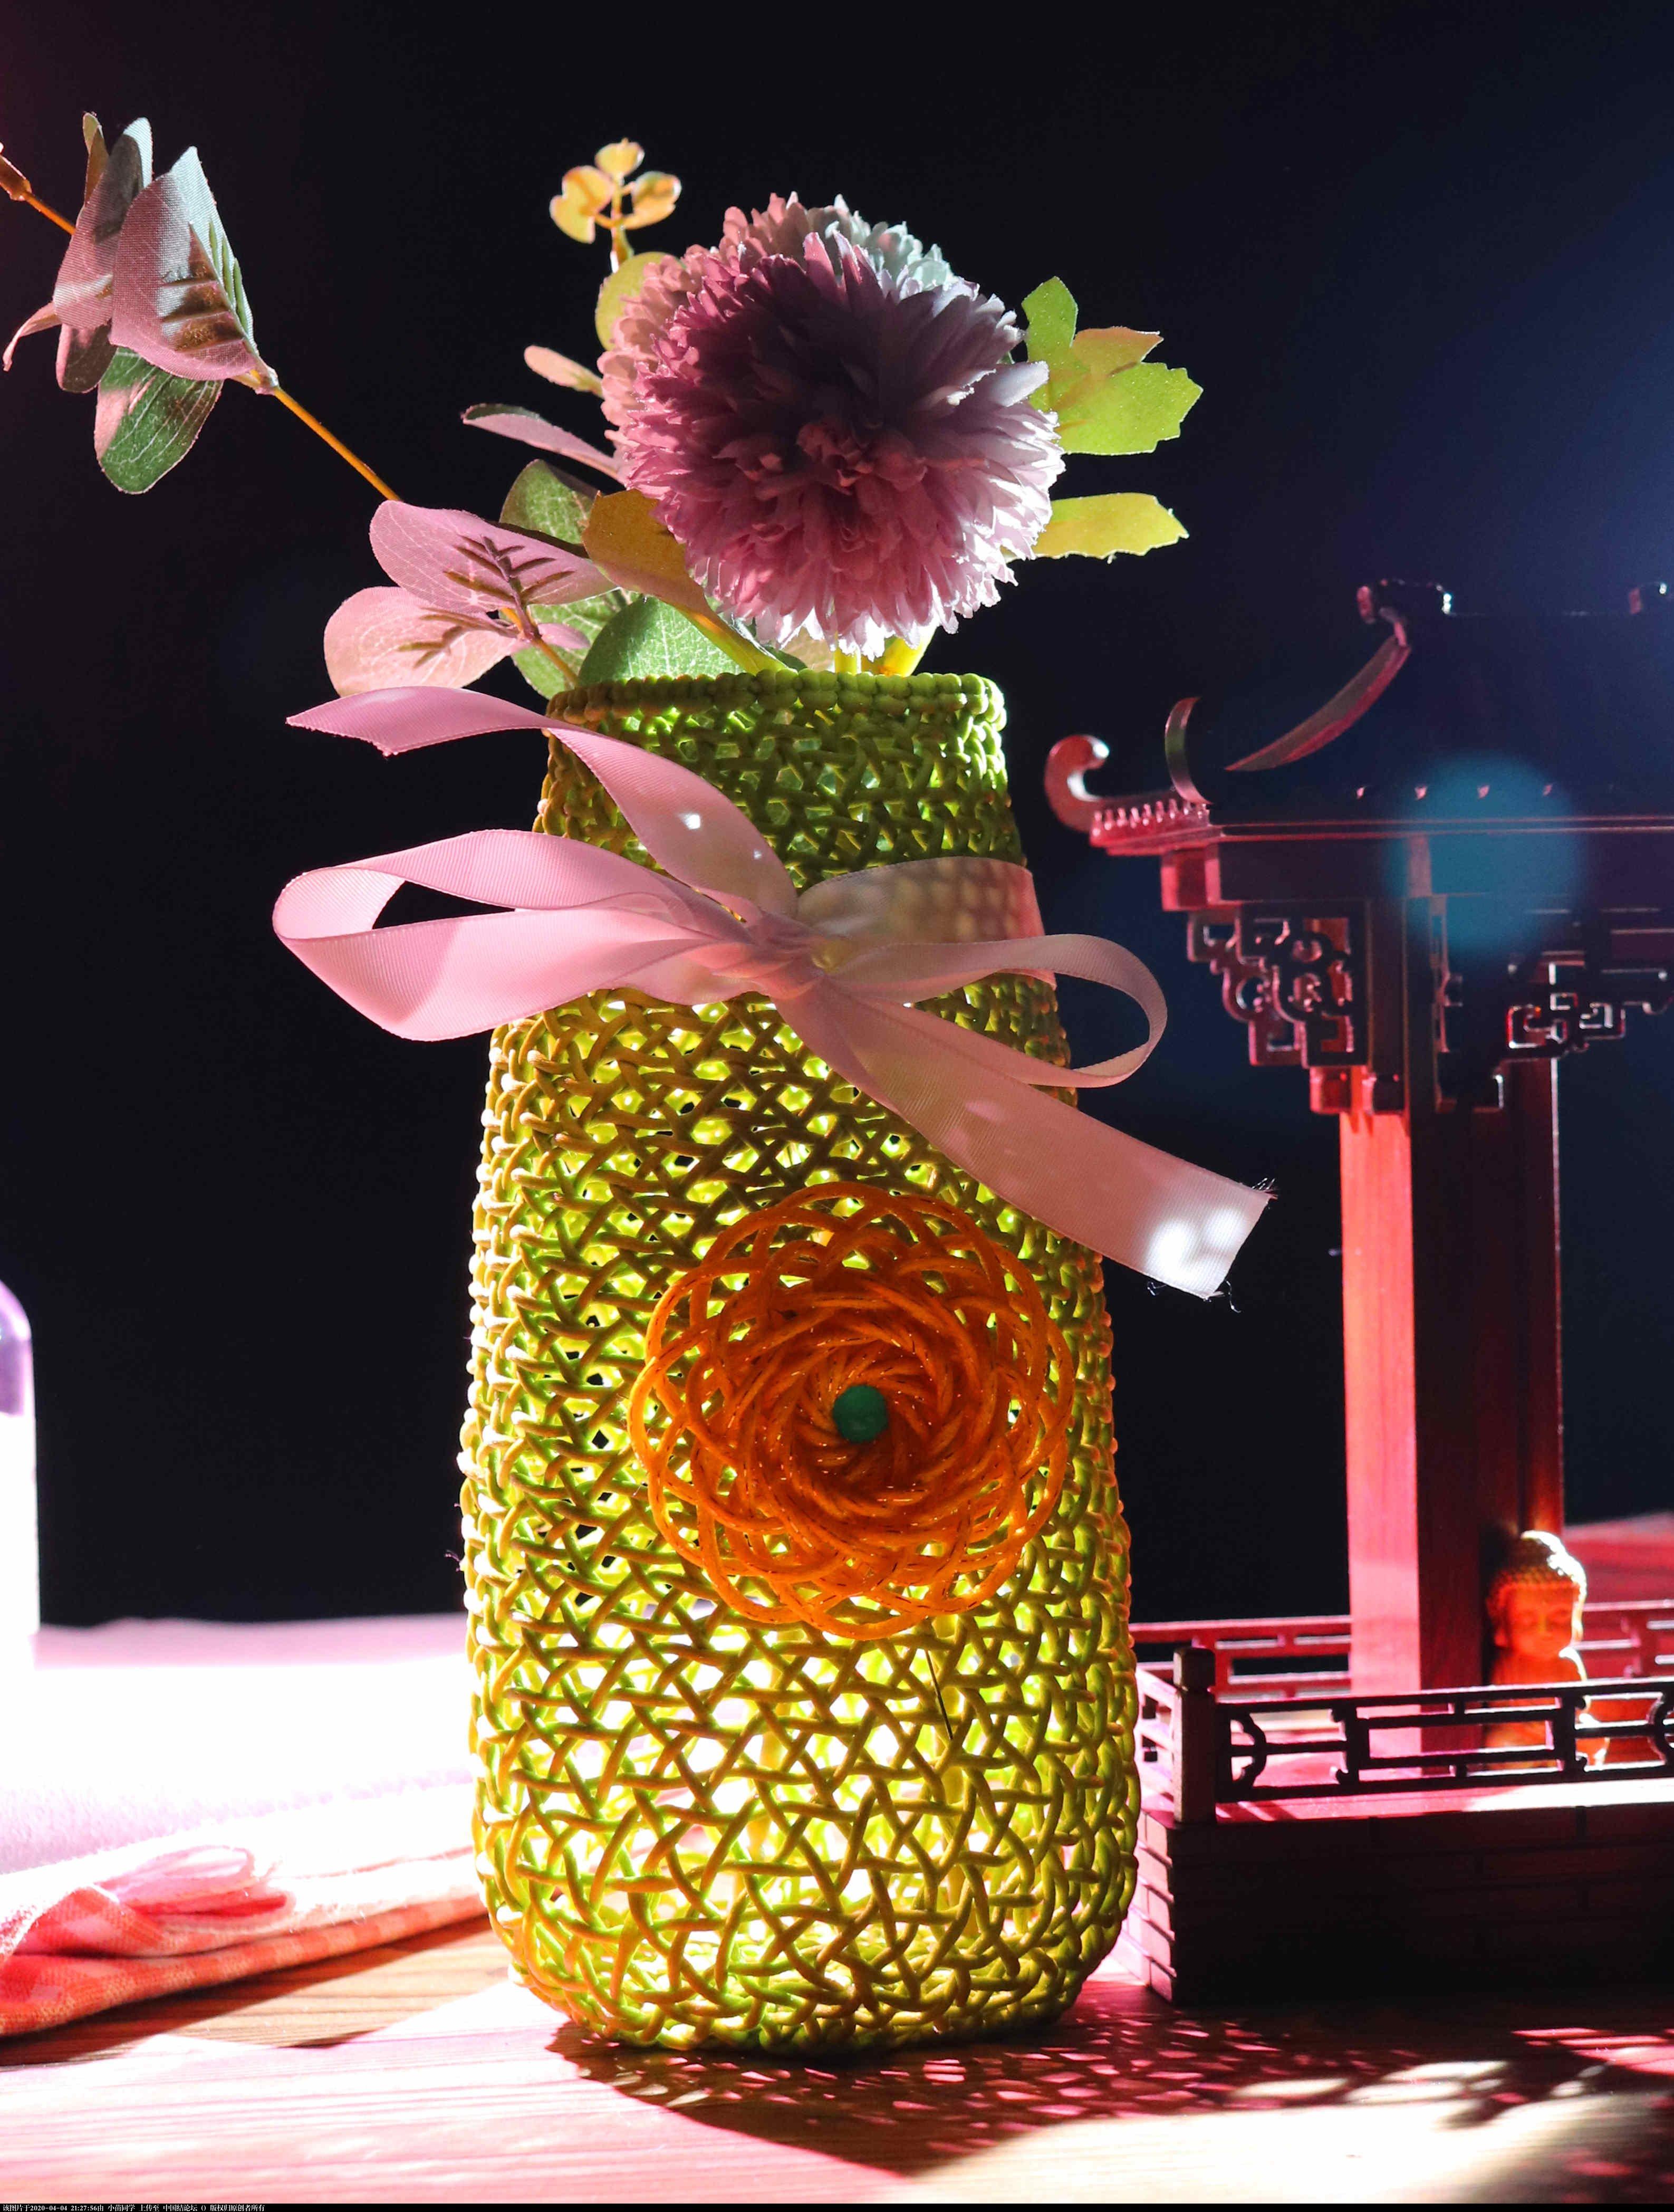 中国结论坛 花股结花瓶 花瓶,花瓶图案,大花瓶,花瓶姑娘,花瓶什么意思 作品展示 212748xh7ulls9bh9siiw2